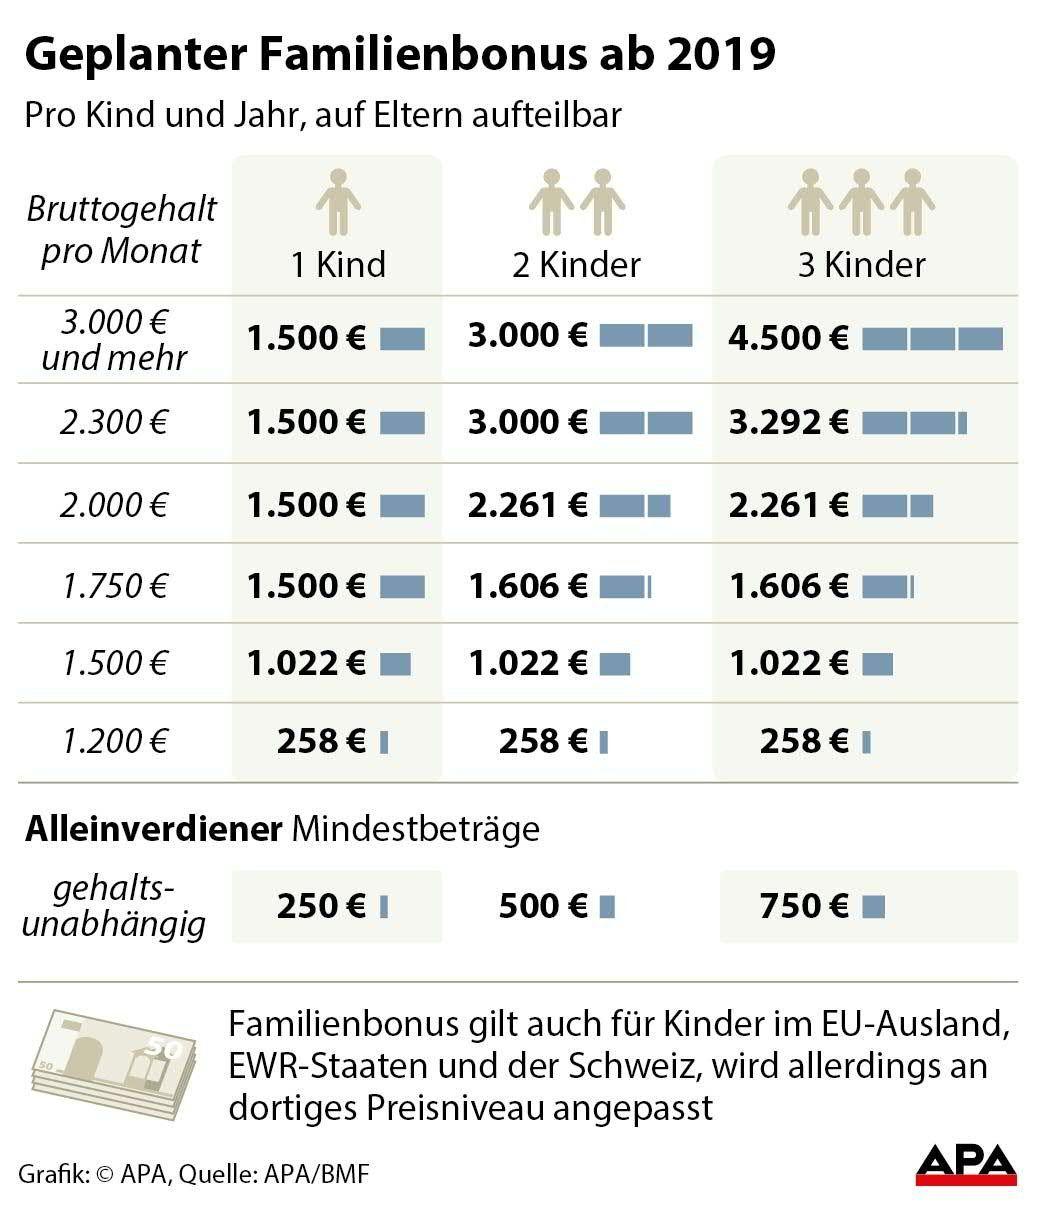 Familienbonus Deutschland